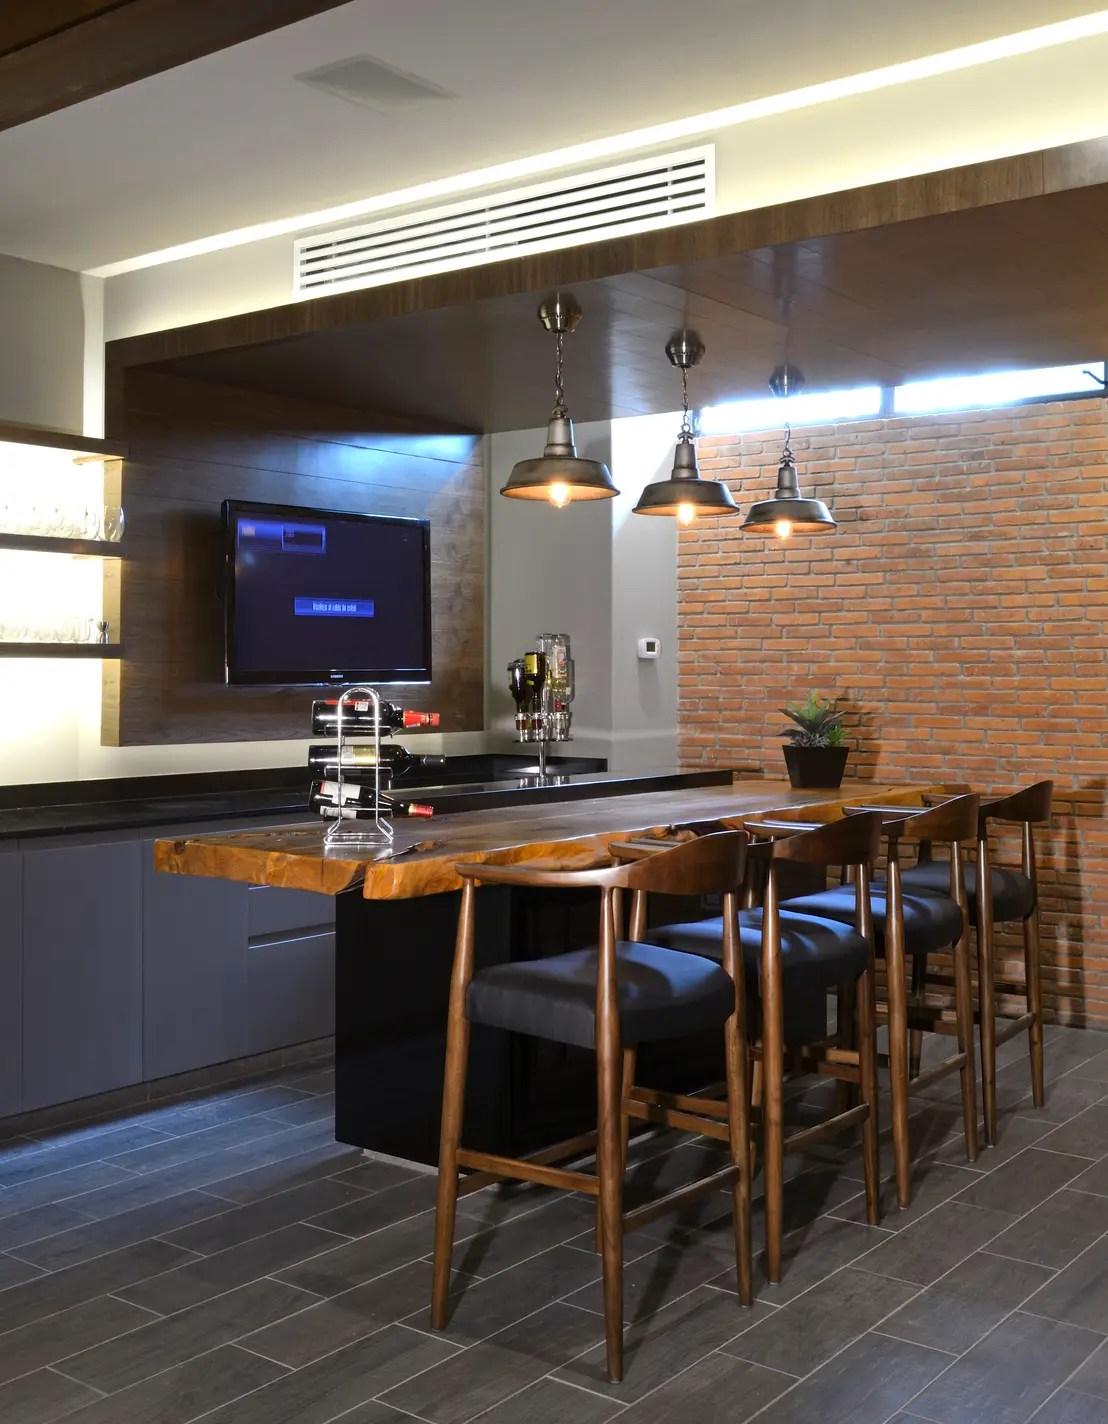 Cmo construir un mini bar en casa para impresionar a tus amigos